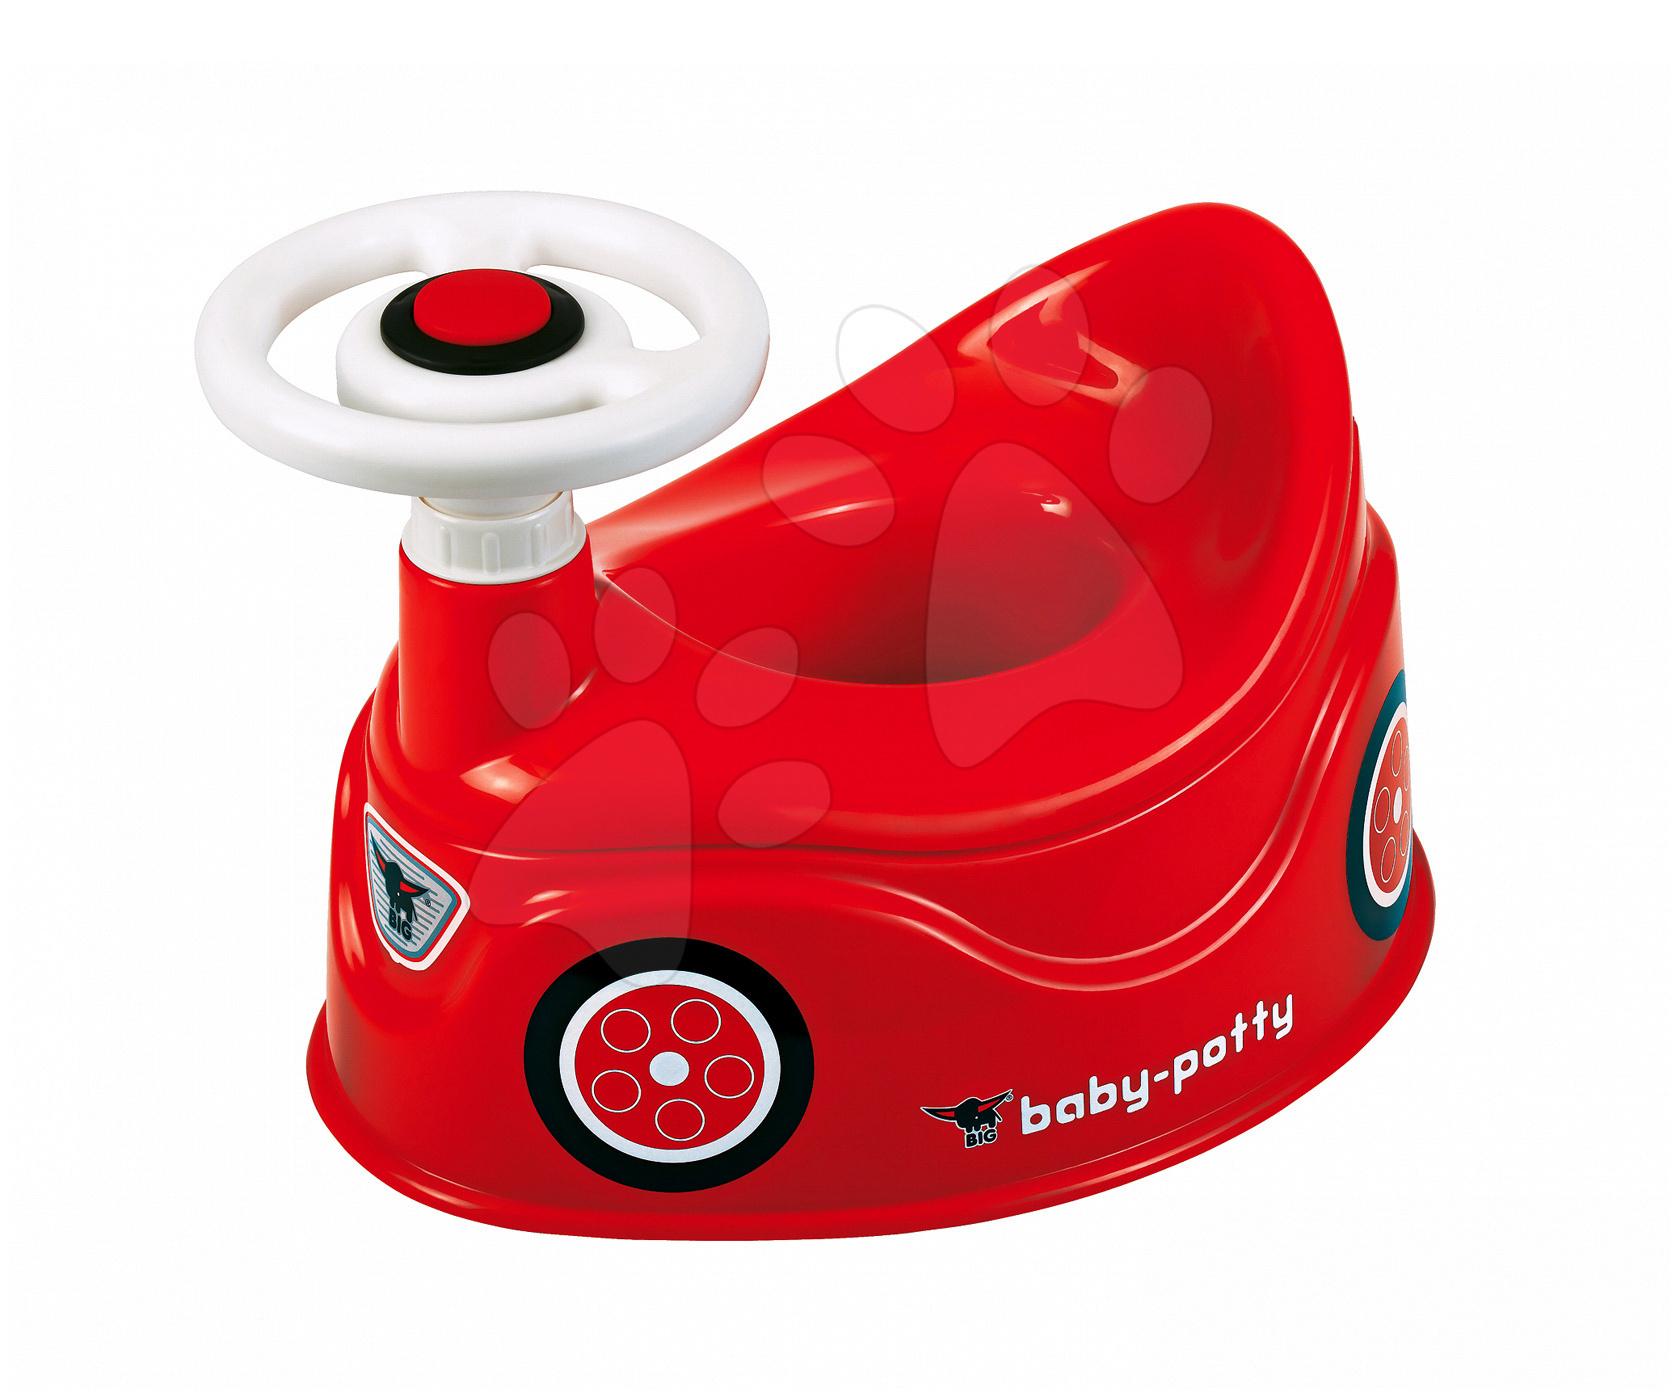 Kahlice - Kahlica avtomobilček BIG z volanom in hupo rdeča od 18 mes